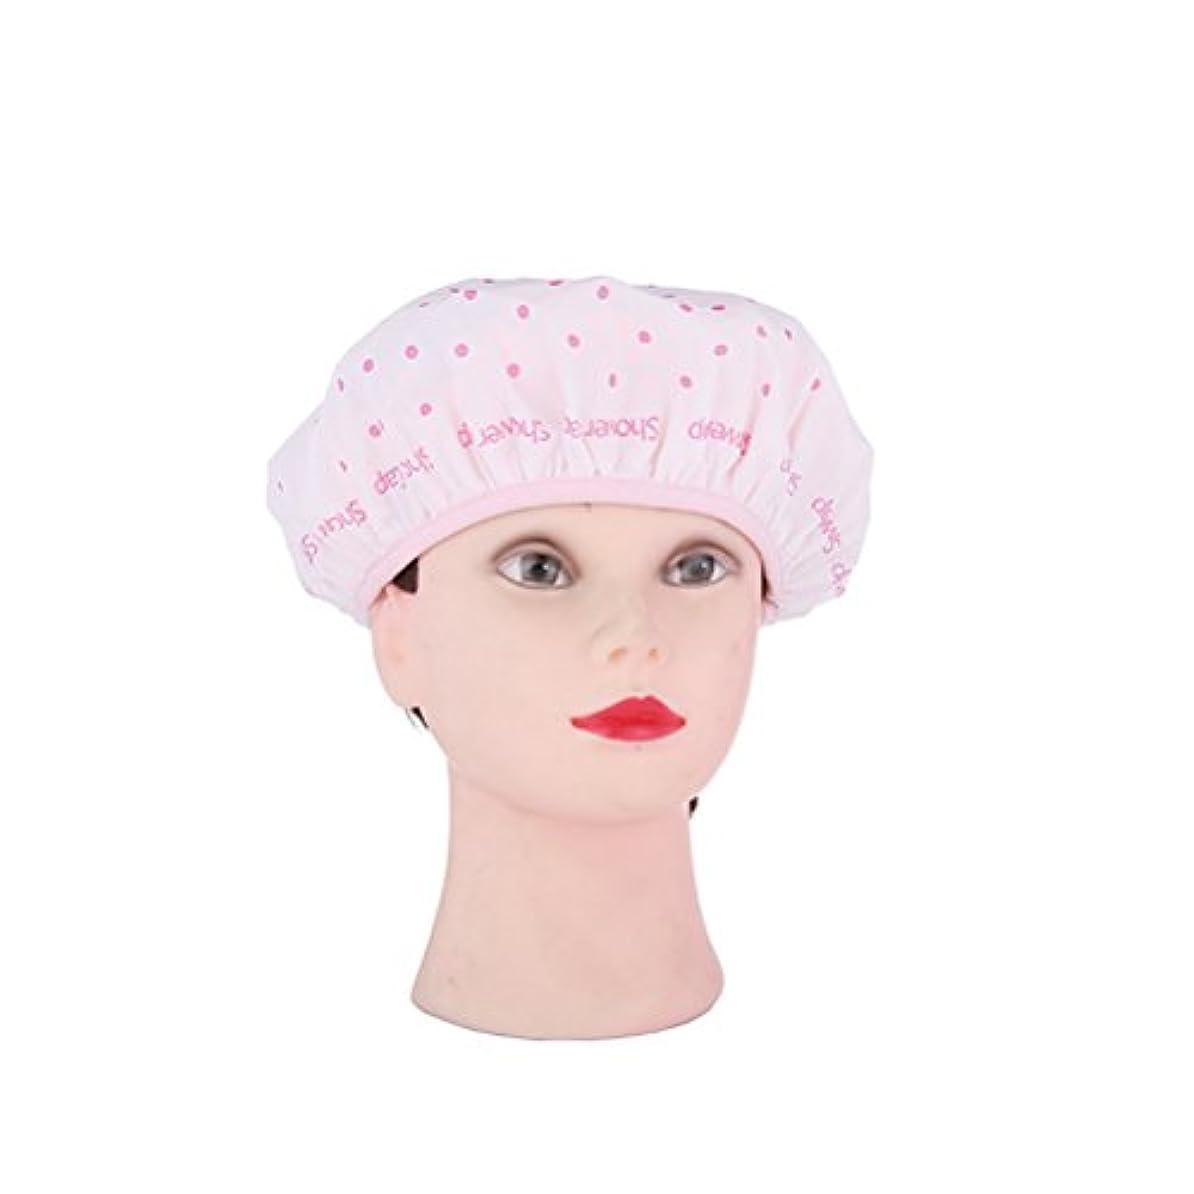 必要とする必要とする信条ROSENICE シャワーキャップ防水性モールド抵抗性の洗えるシャワーキャップかわいいやわらかい髪の帽子(ピンク)